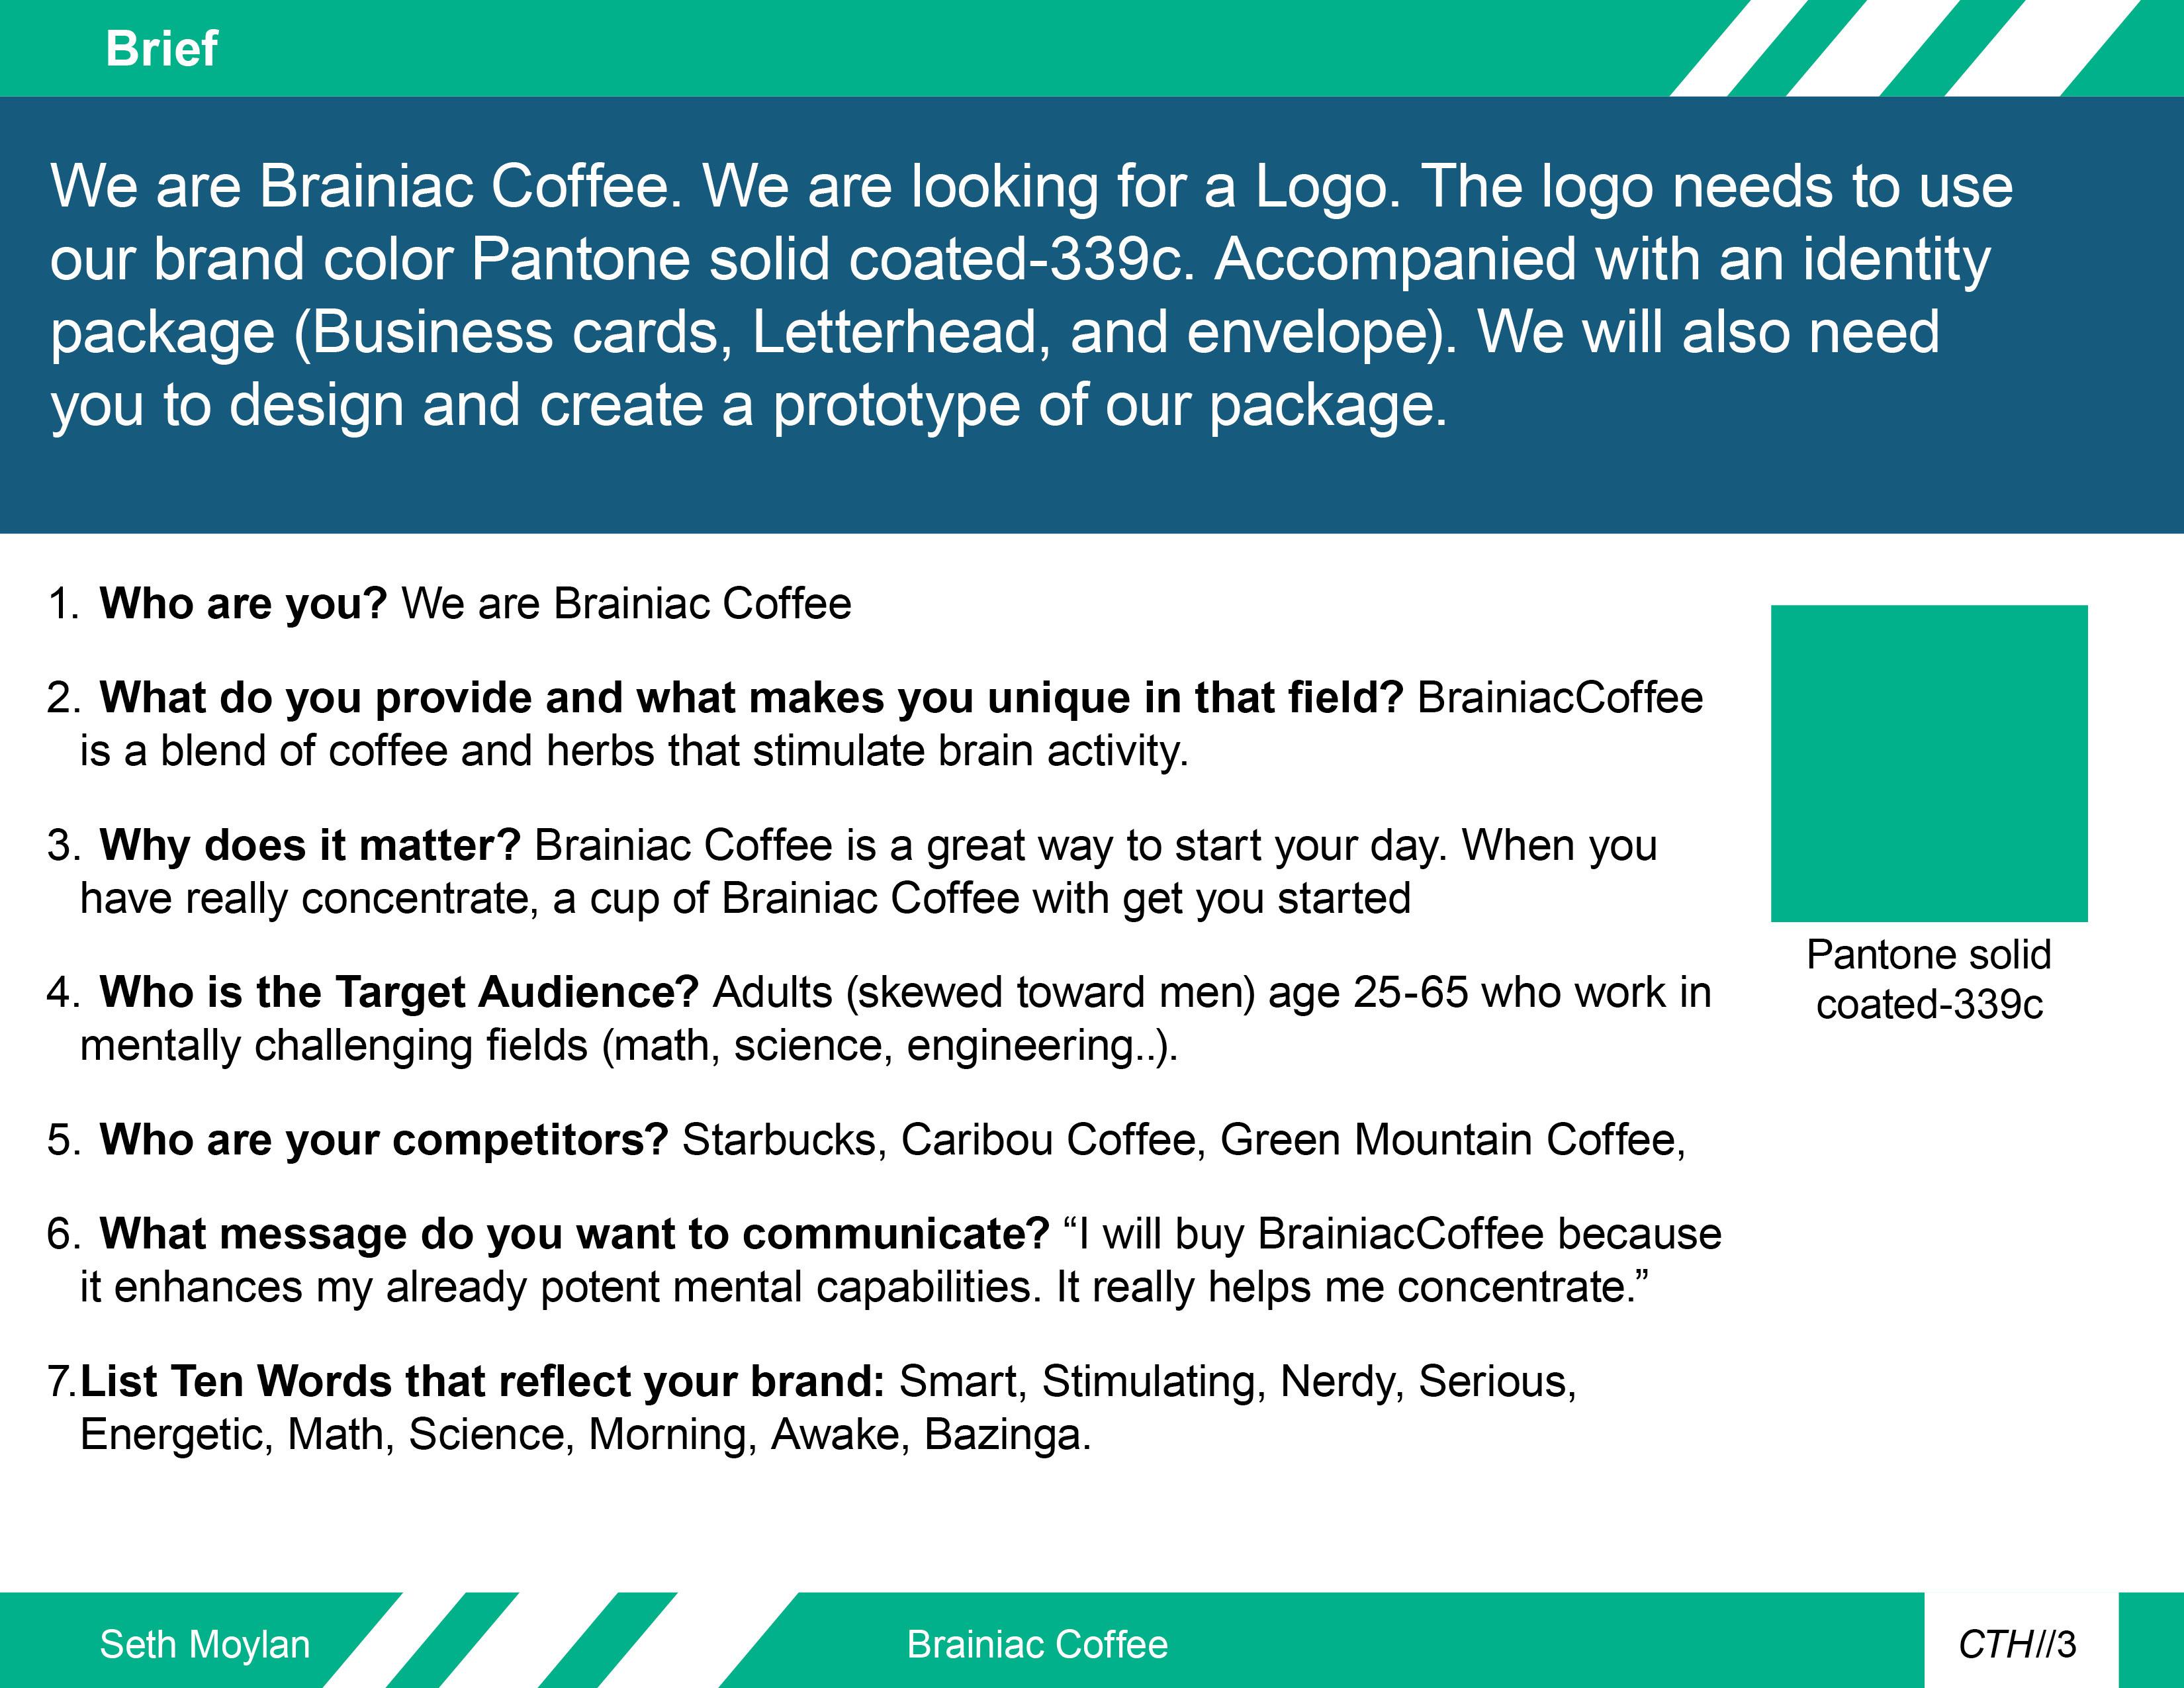 Brainiac Coffee Brand Identity on Behance